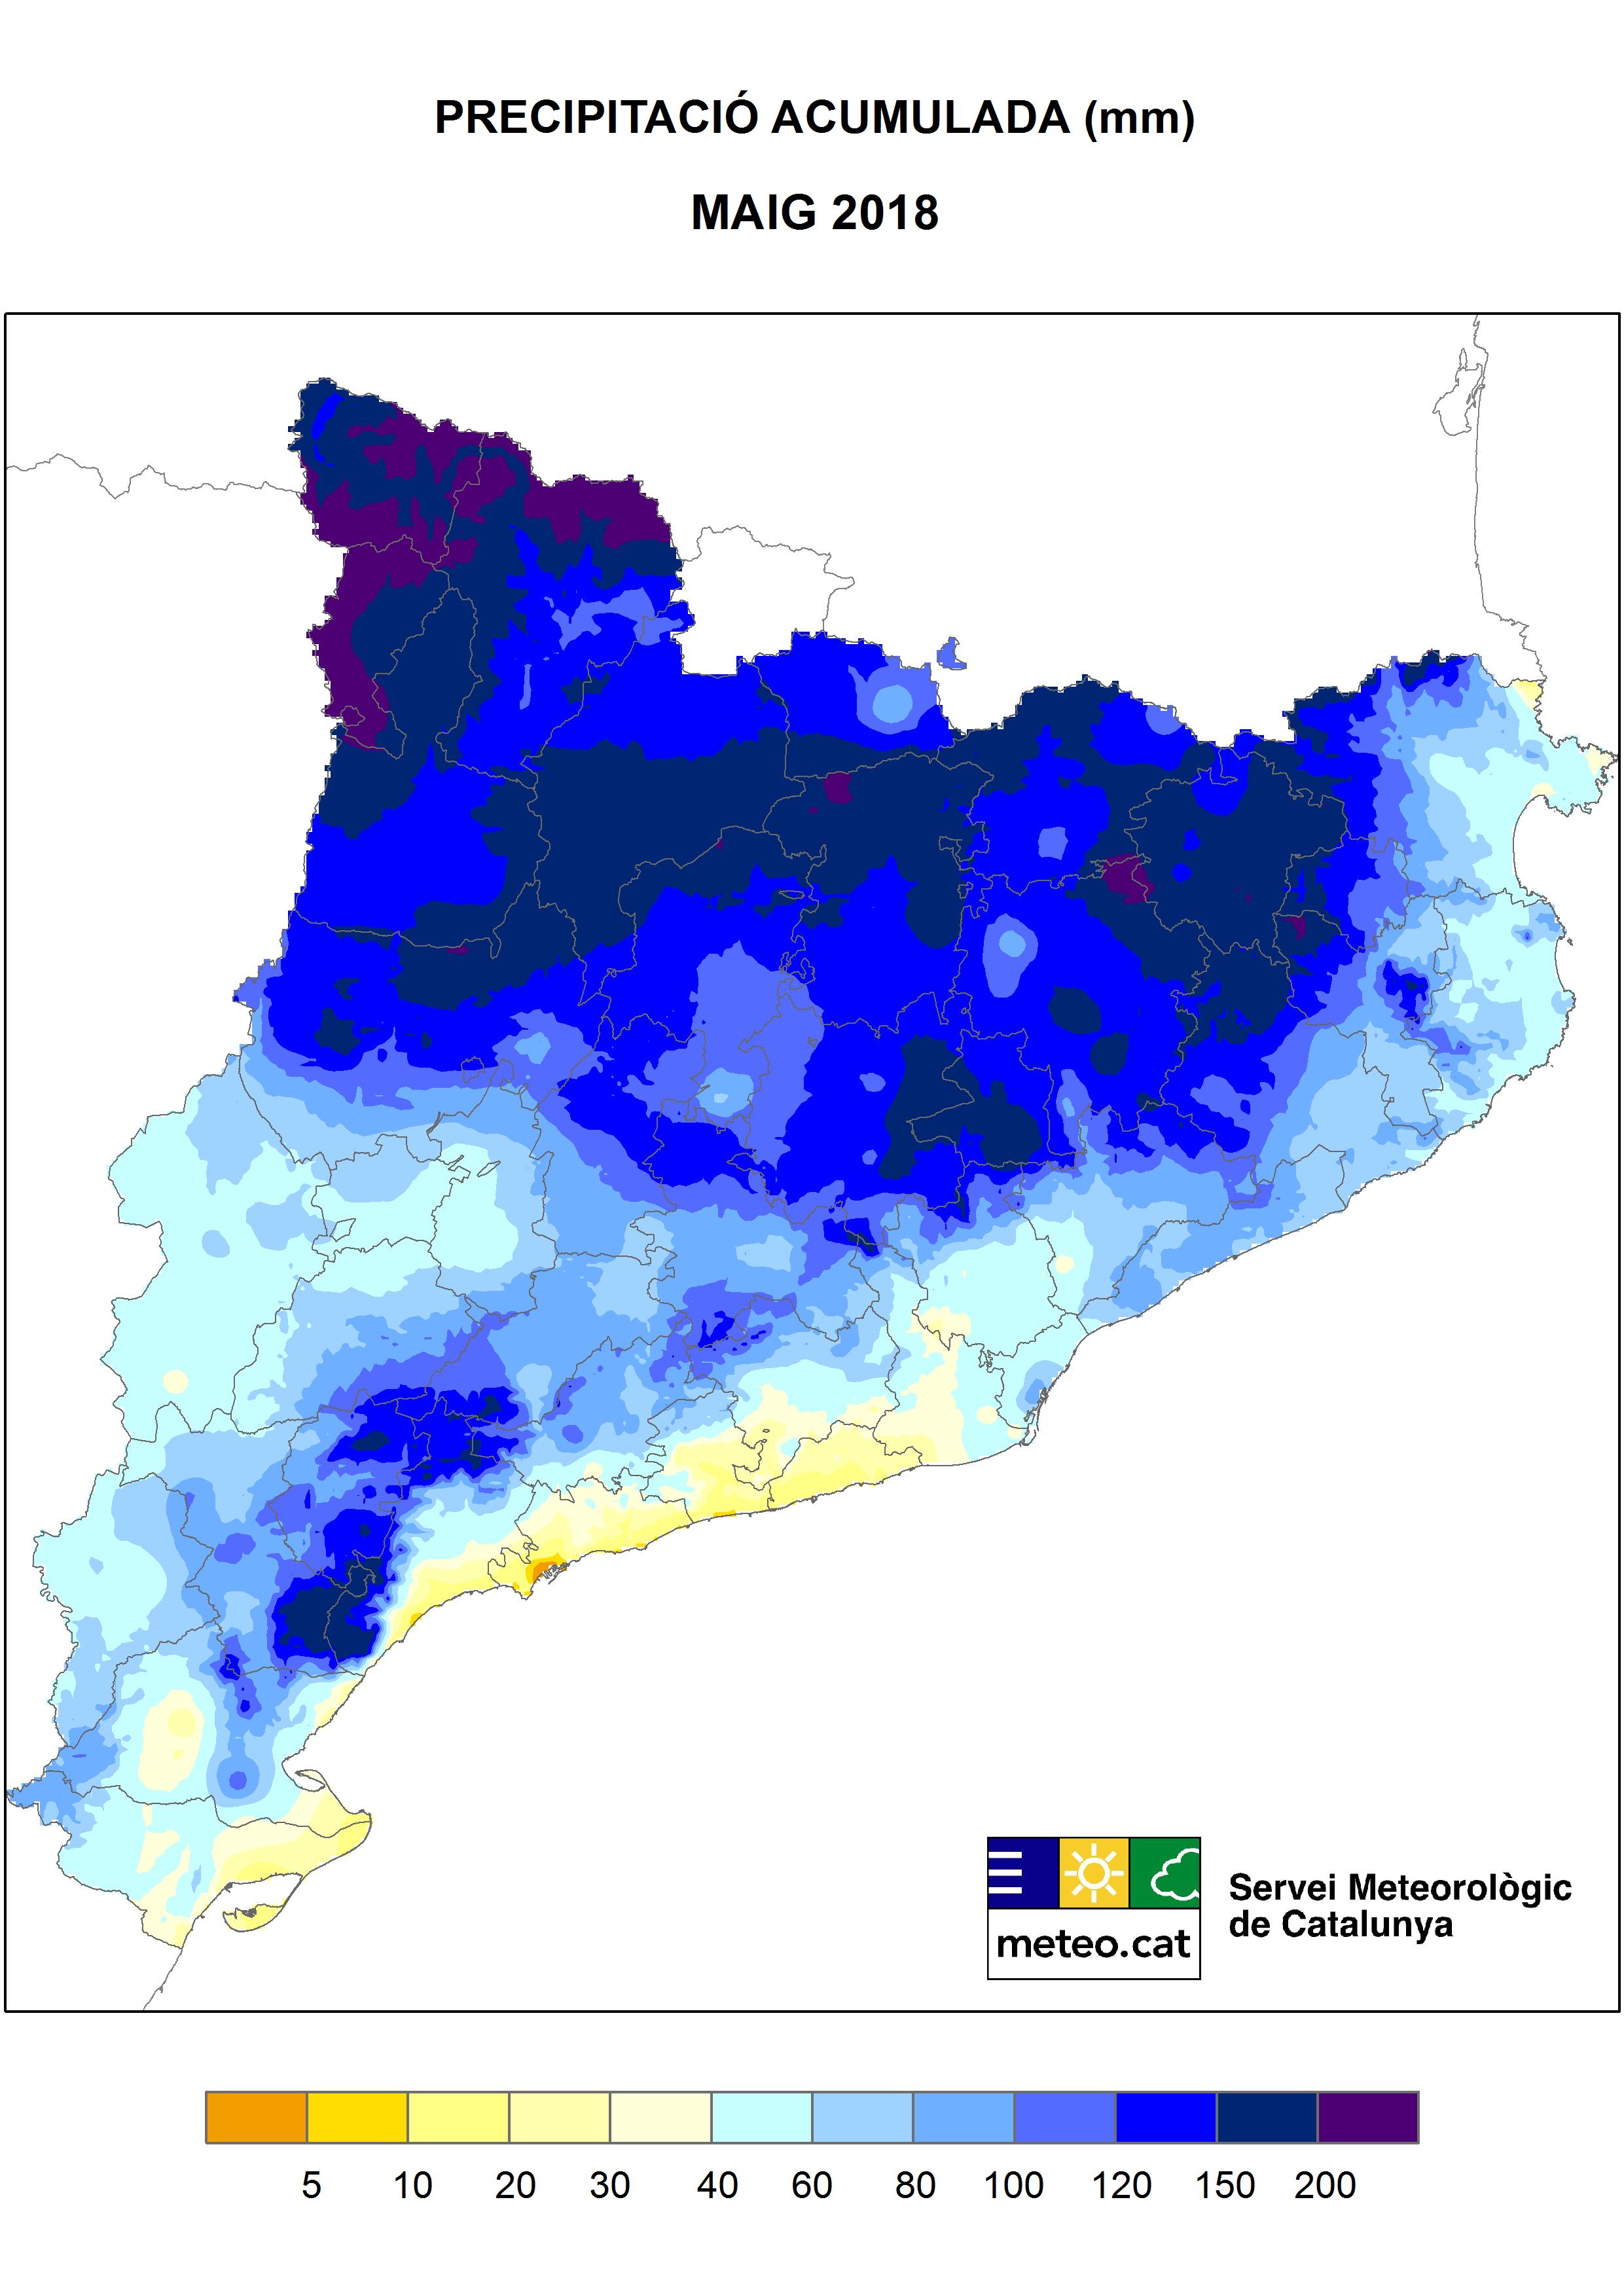 Mapa de Precipitació acumulada (mm) - Maig 2018